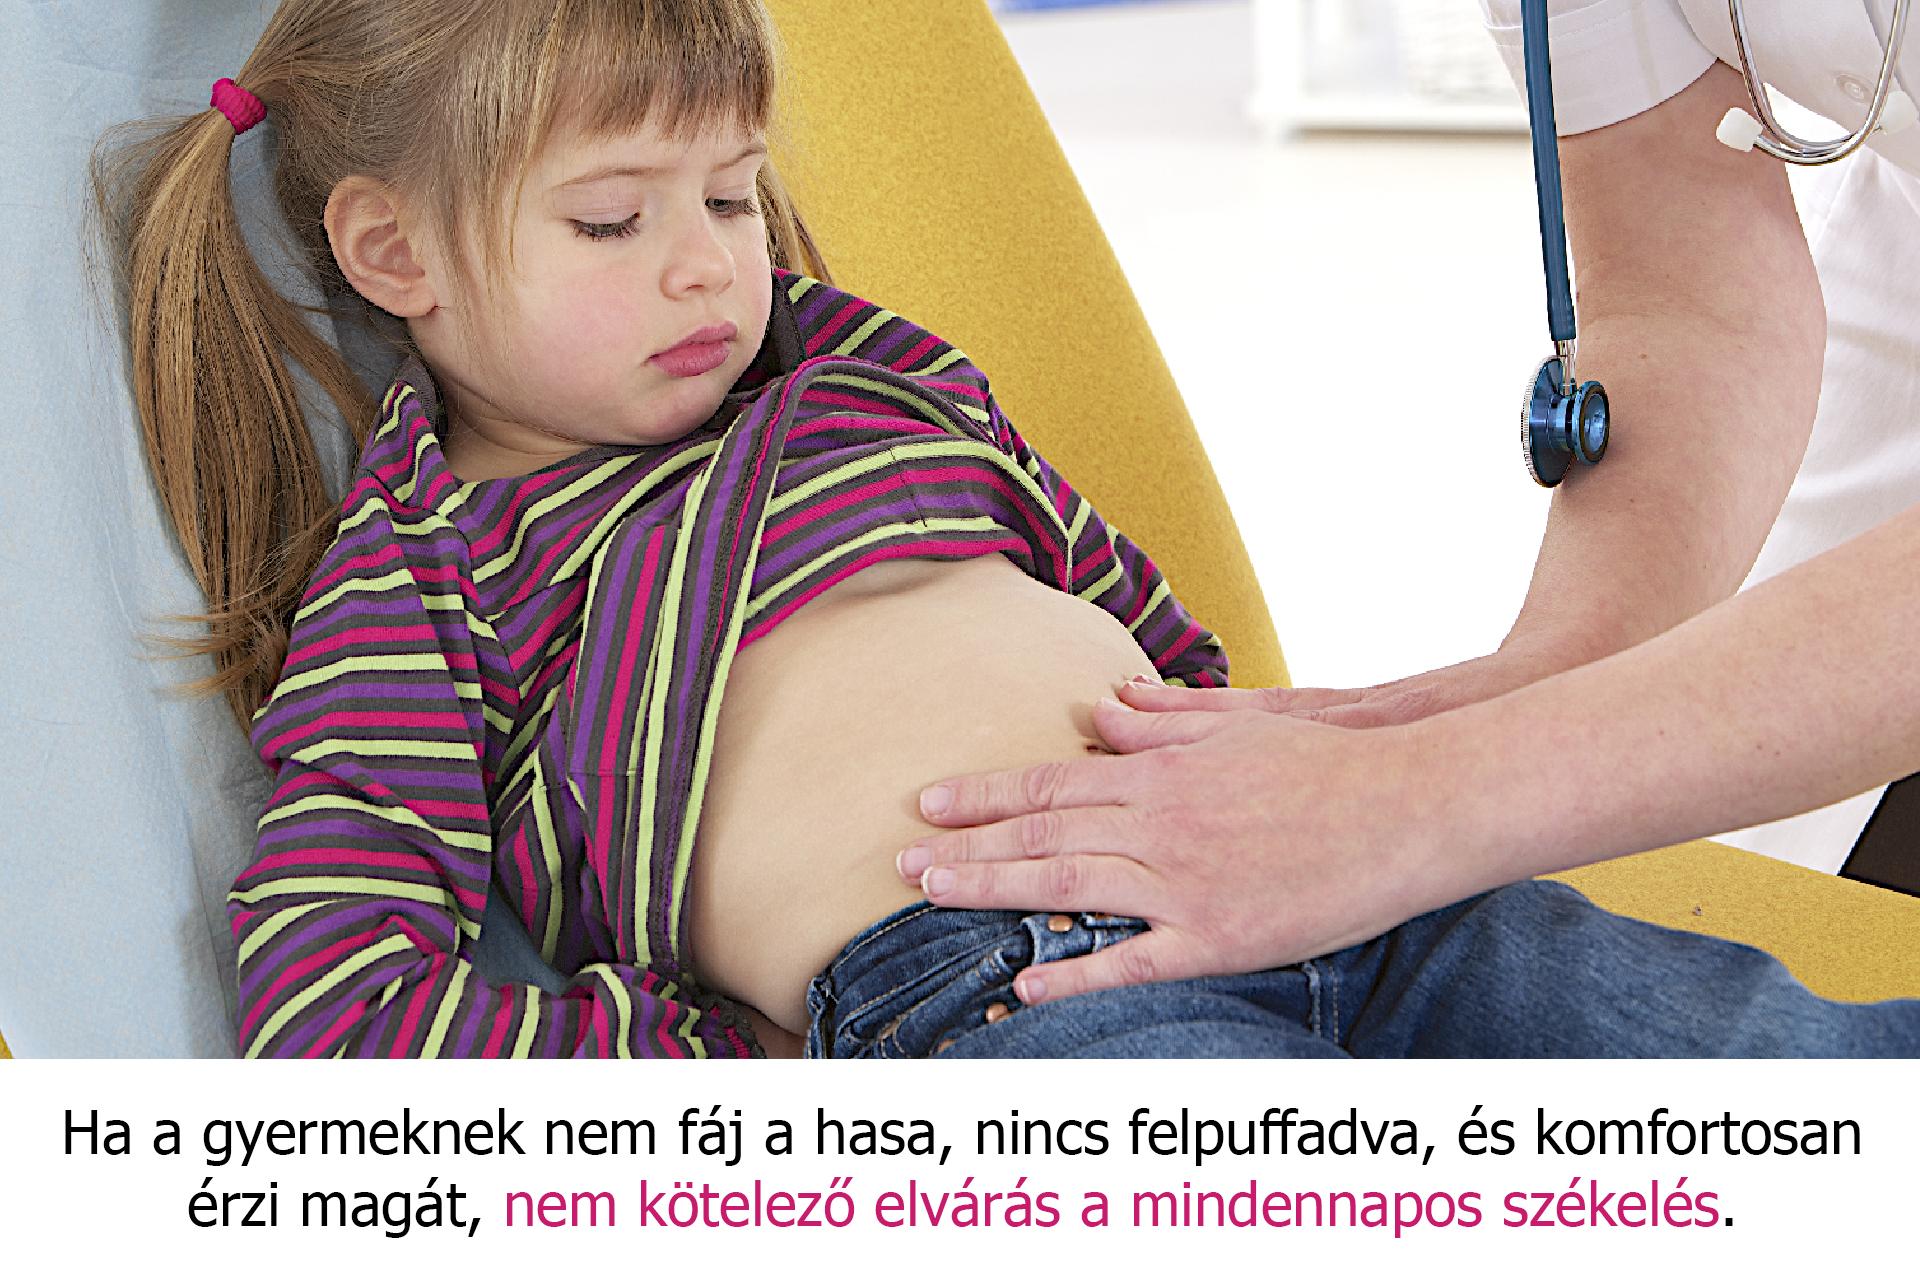 Orvos vizsgálja a kislány pocakját